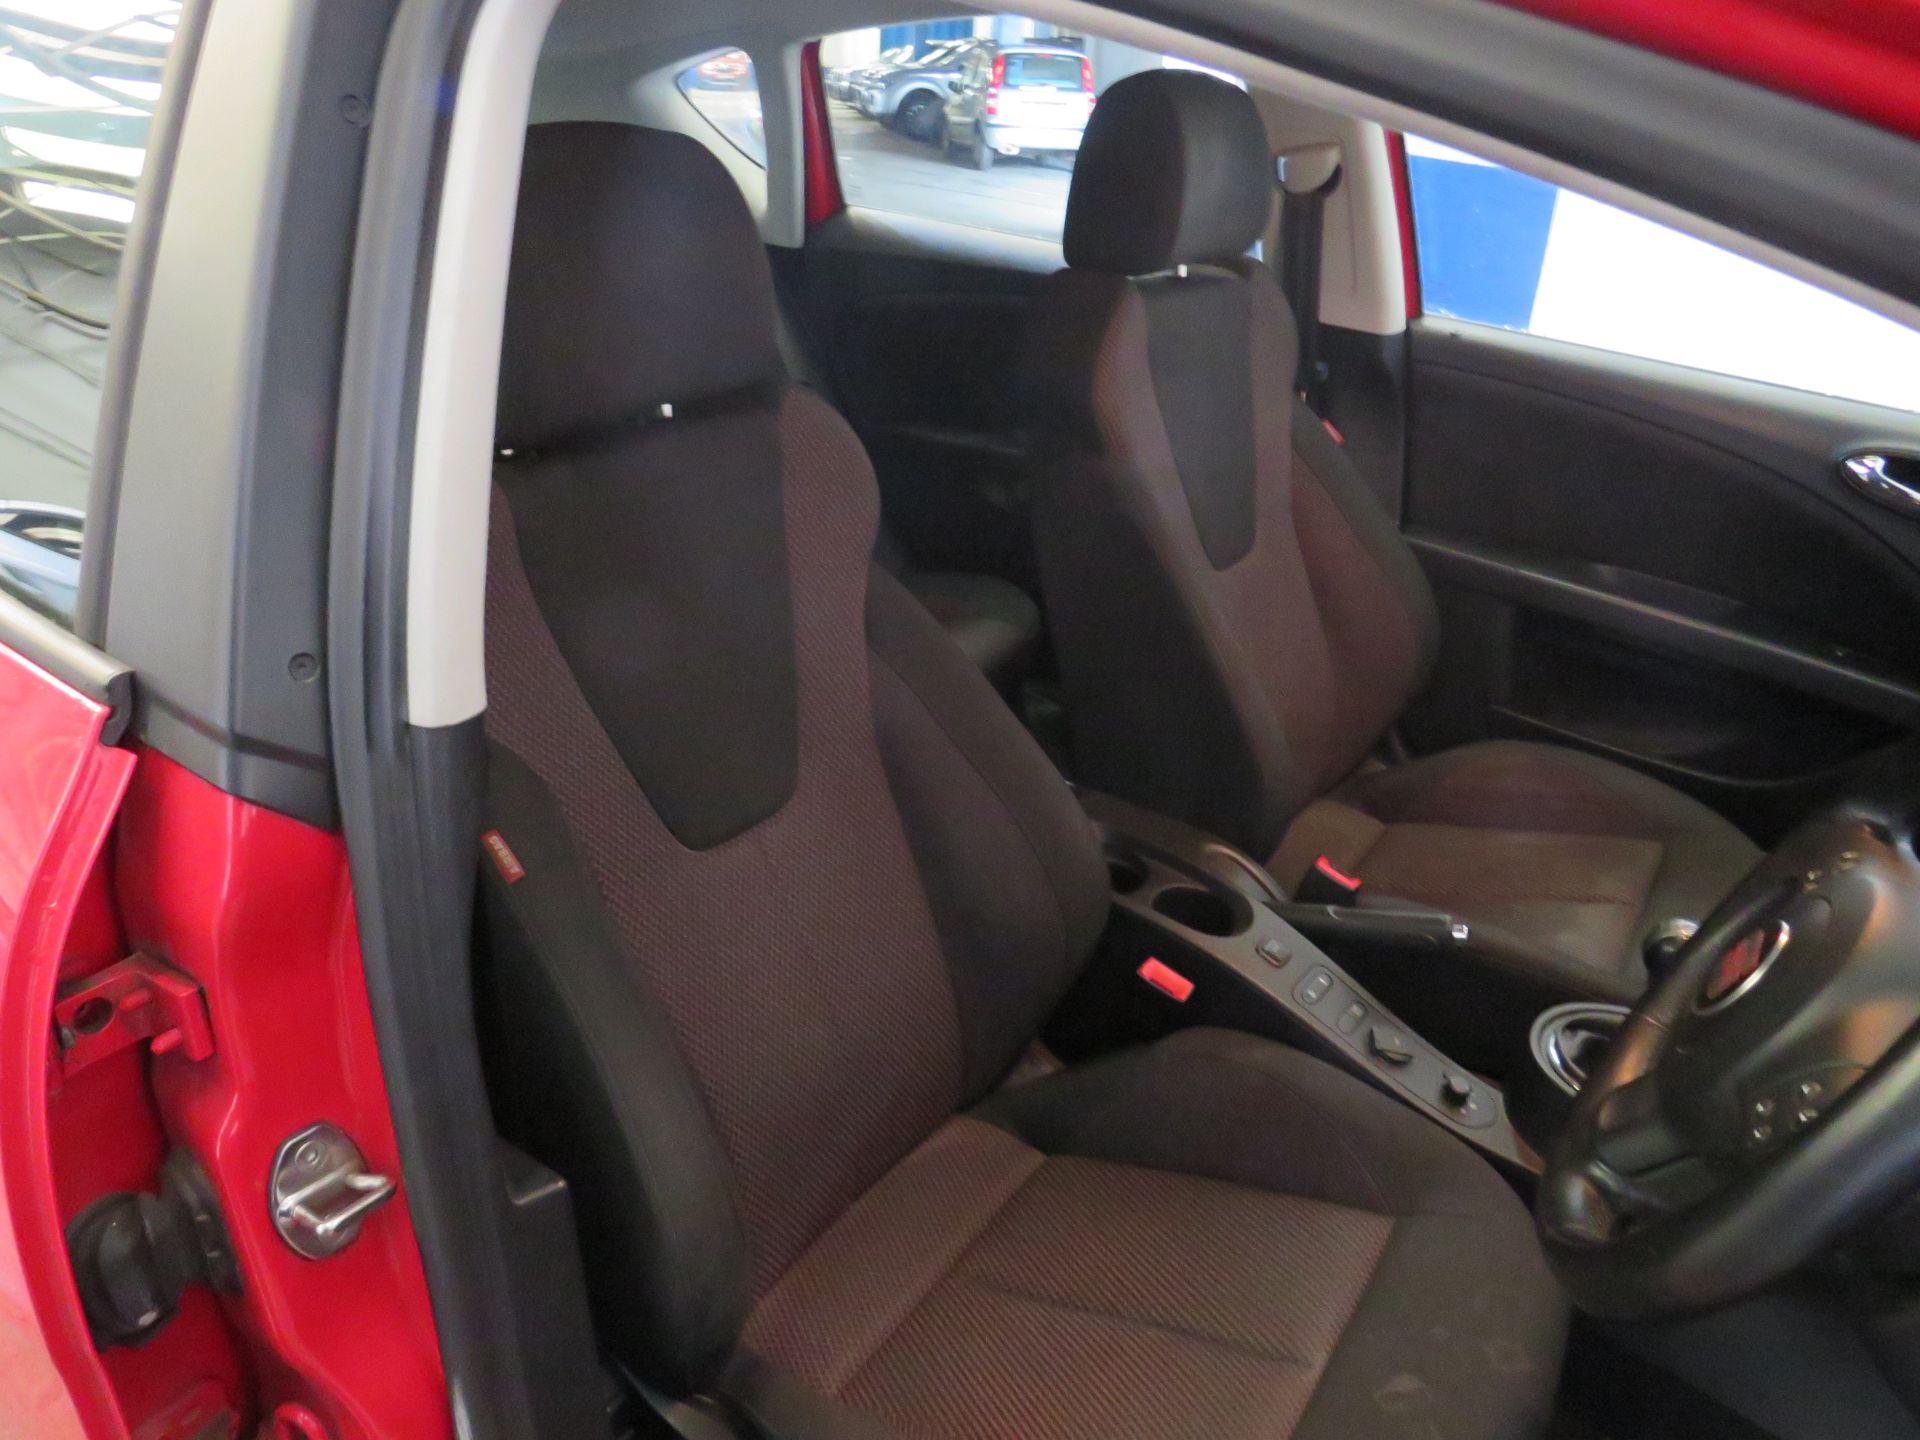 Lot 30 - 2007 Seat Leon Sport 102 - 1595cc